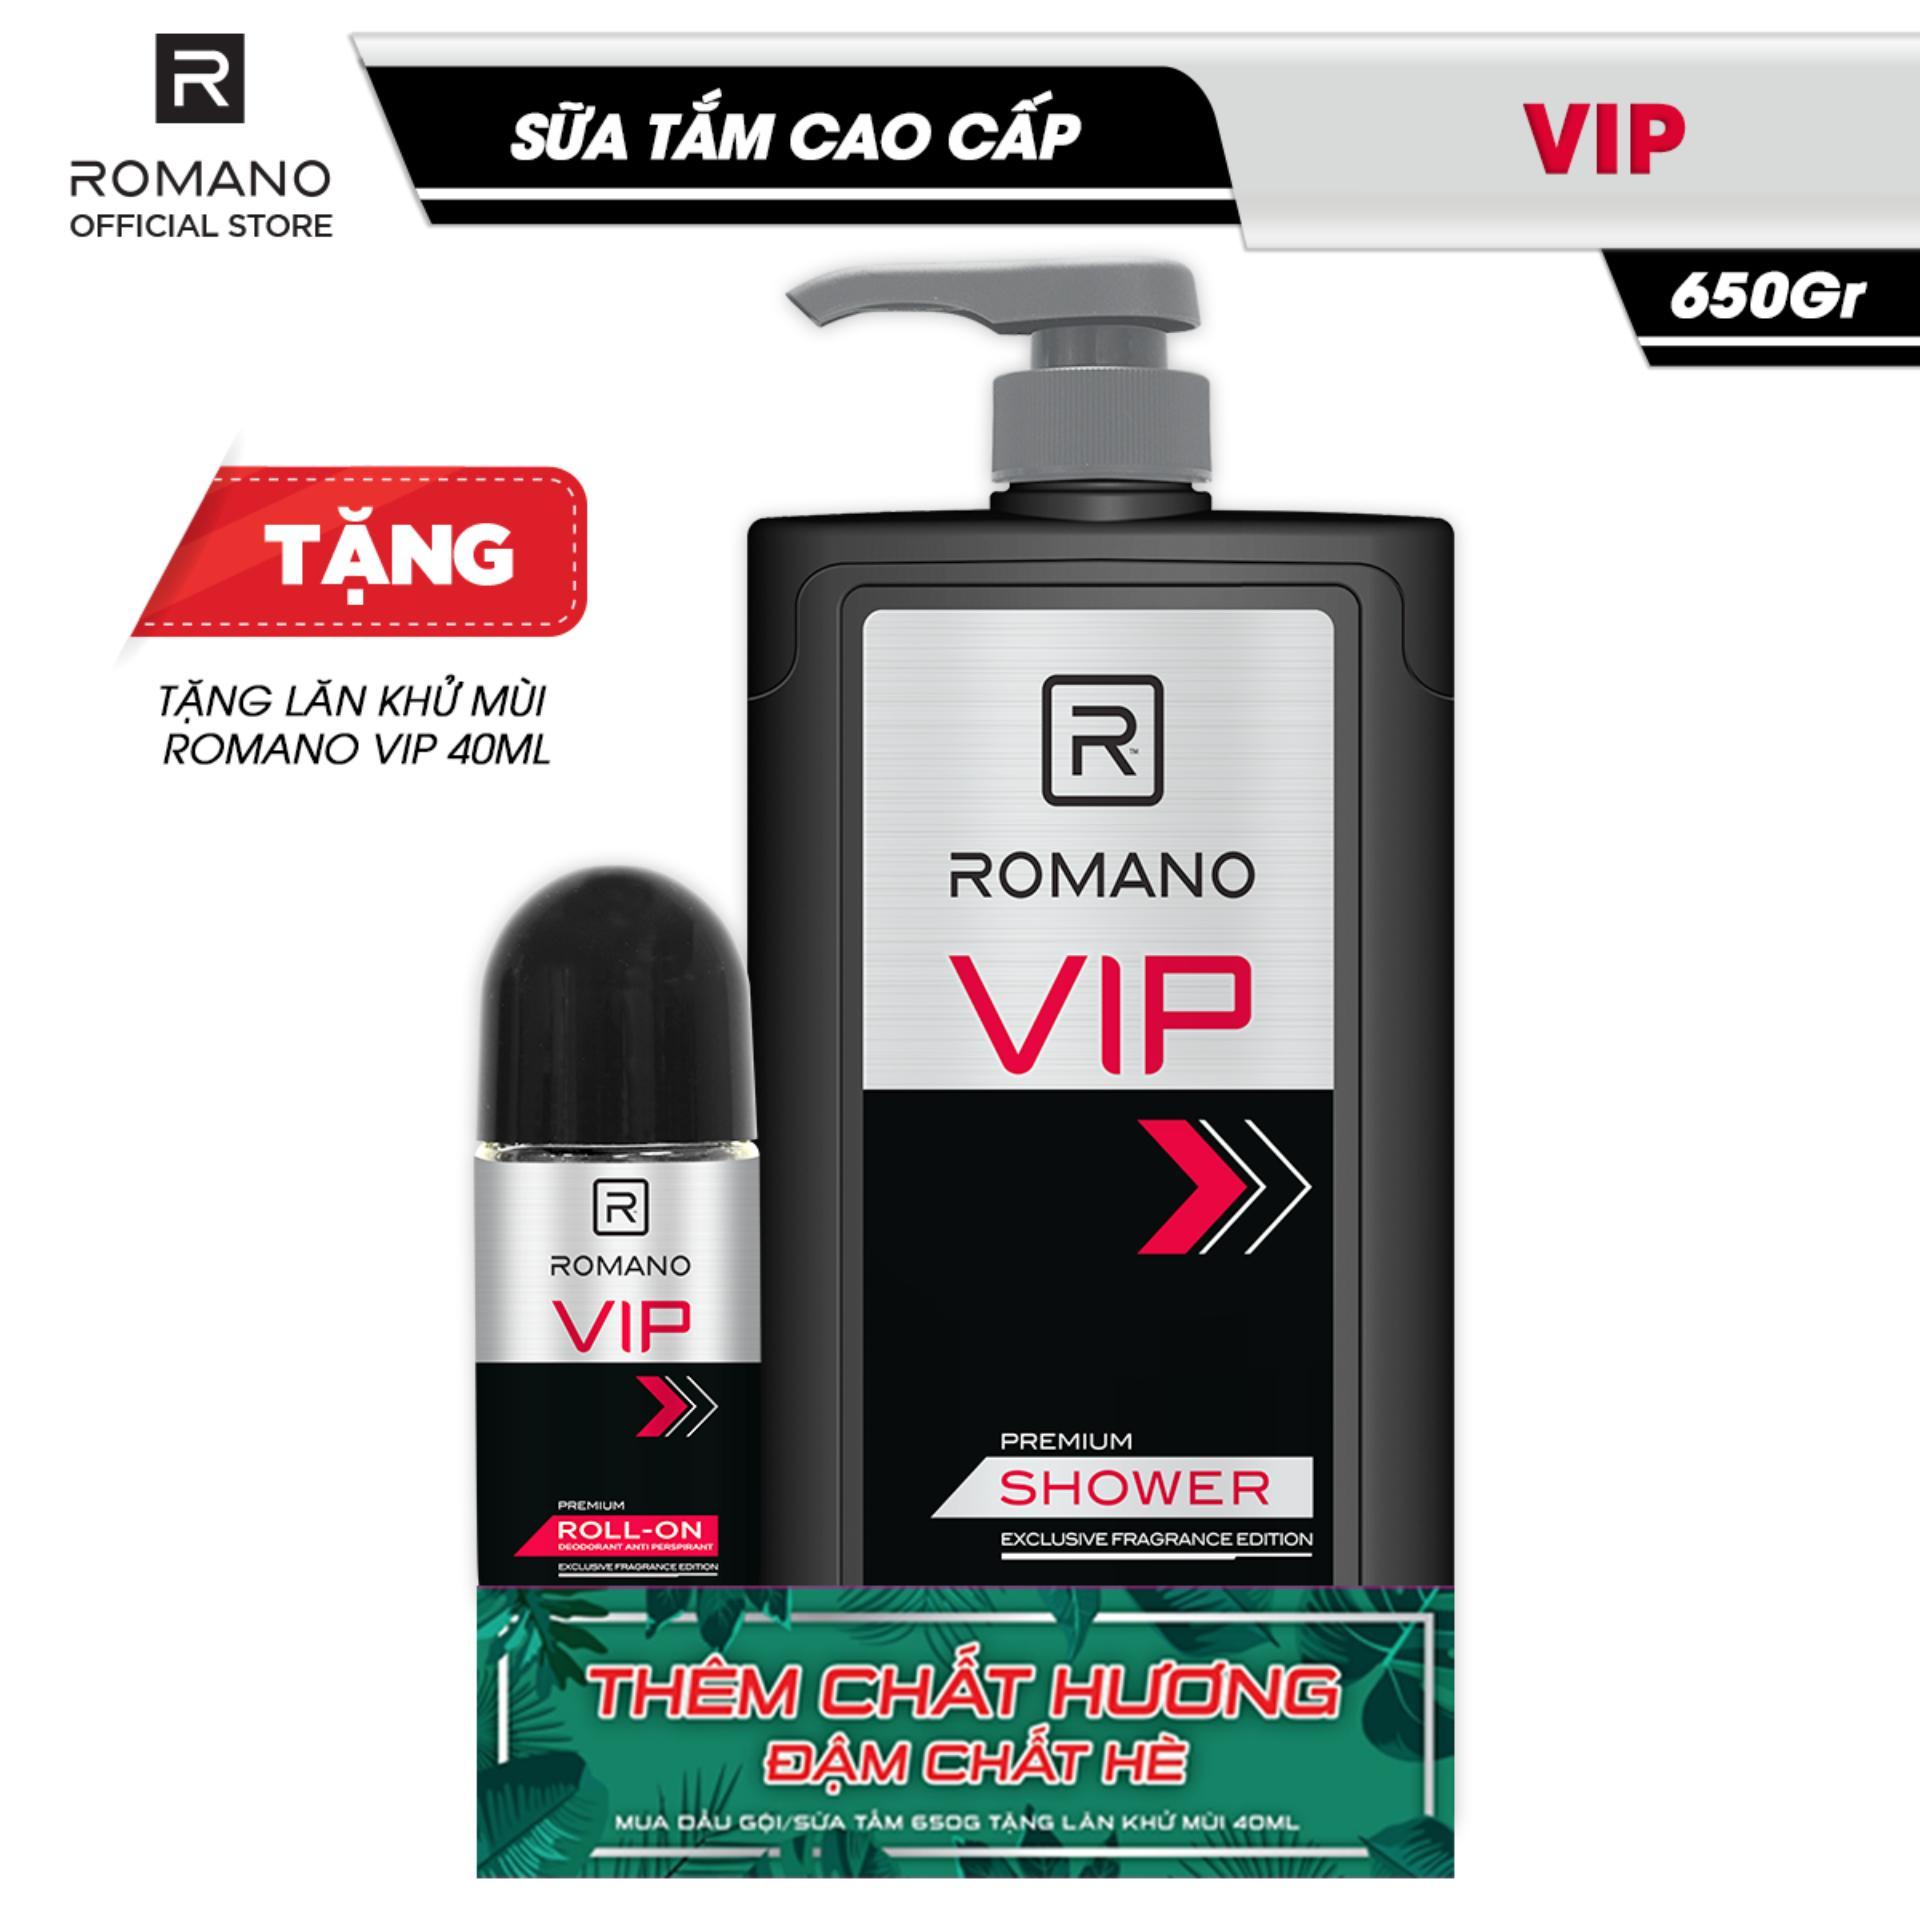 [Tặng Lăn khử mùi Romano VIP 40ml] Sữa tắm nước hoa Romano VIP 650g chính hãng